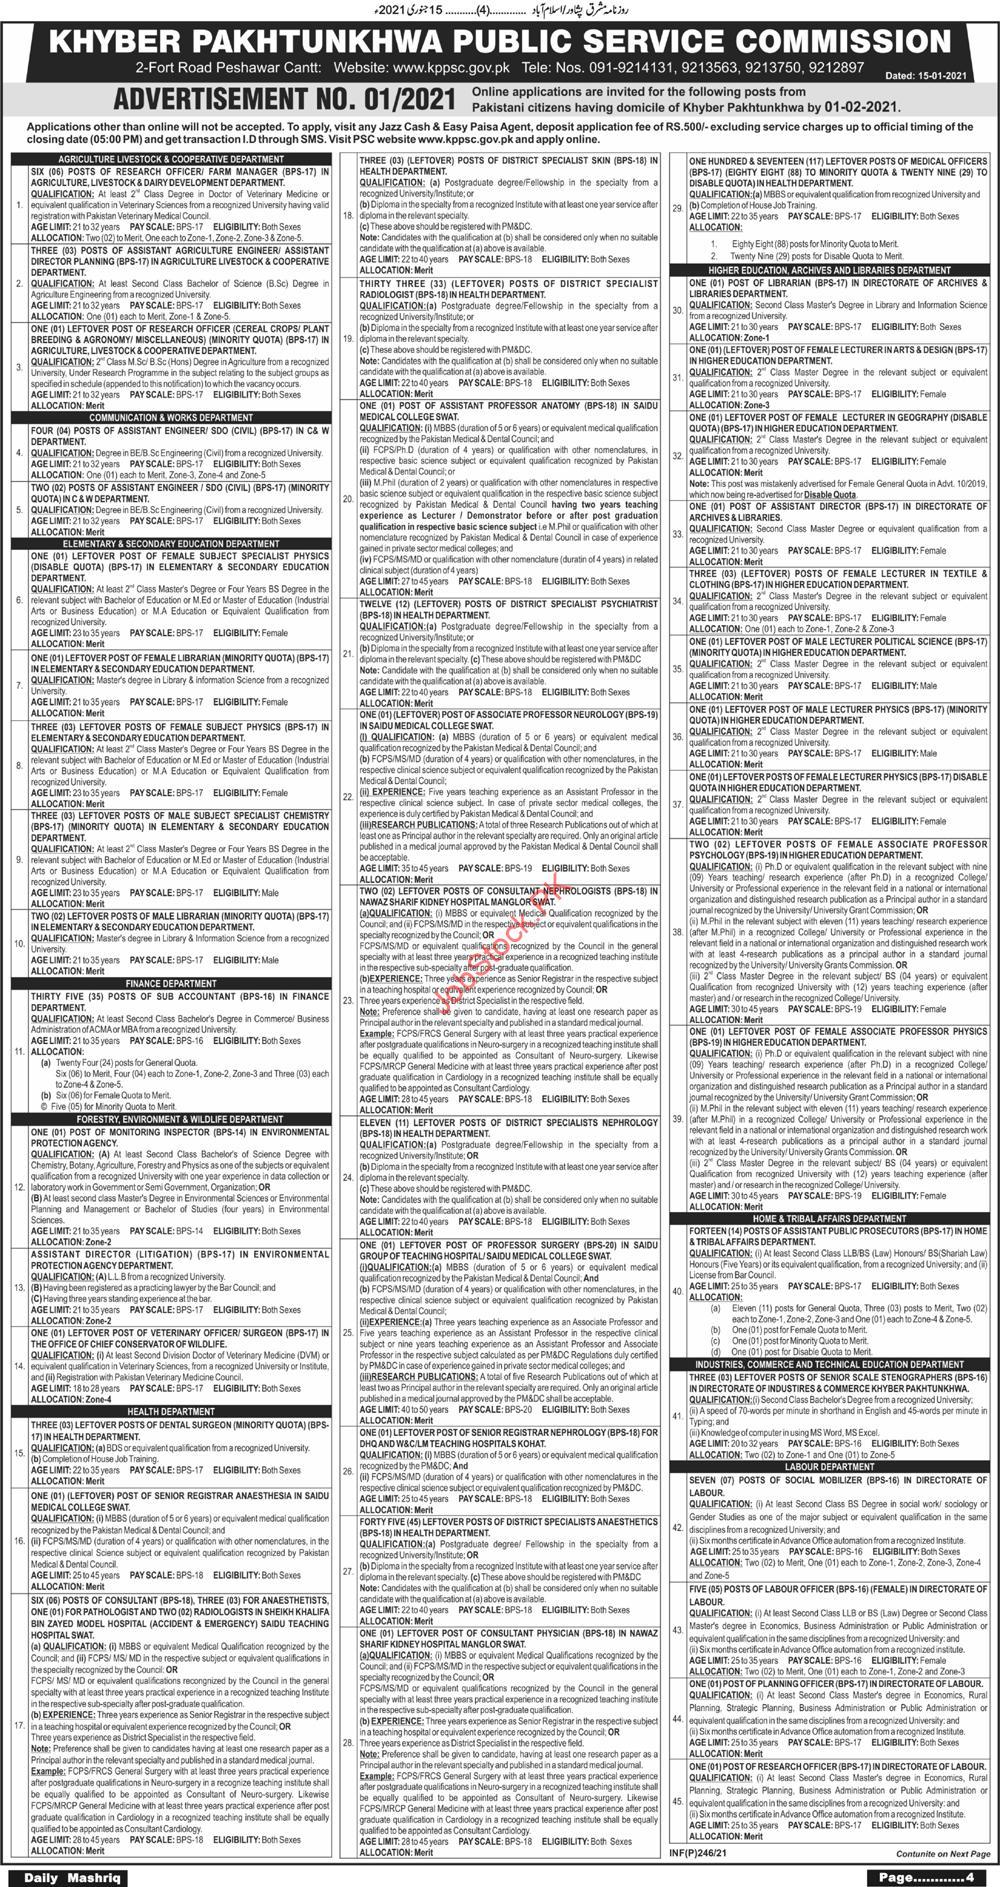 Kppsc Jobs Advertisement In January 2021 Kppsc.gov.pk